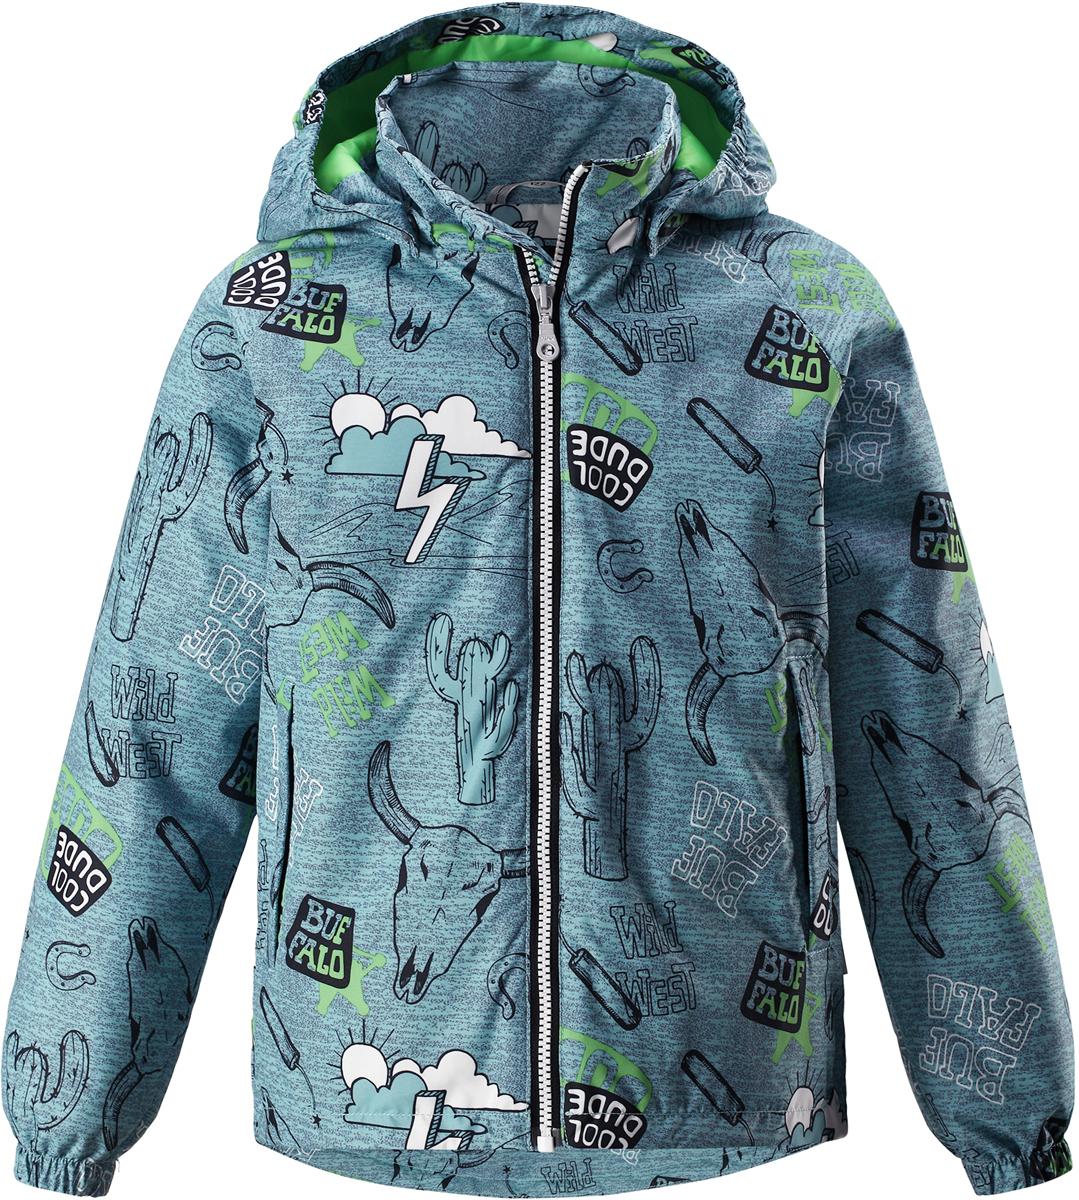 Куртка для мальчика Lassie, цвет: зеленый. 721725R8271. Размер 98721725R8271Детская куртка Lassie идеально подойдет для ребенка в холодное время года. Куртка изготовлена из водоотталкивающей и ветрозащитной ткани. Материал отличается высокой устойчивостью к трению, благодаря специальной обработке полиуретаном поверхность изделия отталкивает грязь и воду, что облегчает поддержание аккуратного вида одежды, дышащее покрытие с изнаночной части не раздражает даже самую нежную и чувствительную кожу ребенка, обеспечивая ему наибольший комфорт. Куртка застегивается на пластиковую застежку-молнию с защитой подбородка, благодаря чему ее легко надевать и снимать. Края рукавов дополнены неширокими эластичными манжетами. Также модель дополнена светоотражающими элементами для безопасности в темное время суток. Все швы проклеены, не пропускают влагу и ветер.